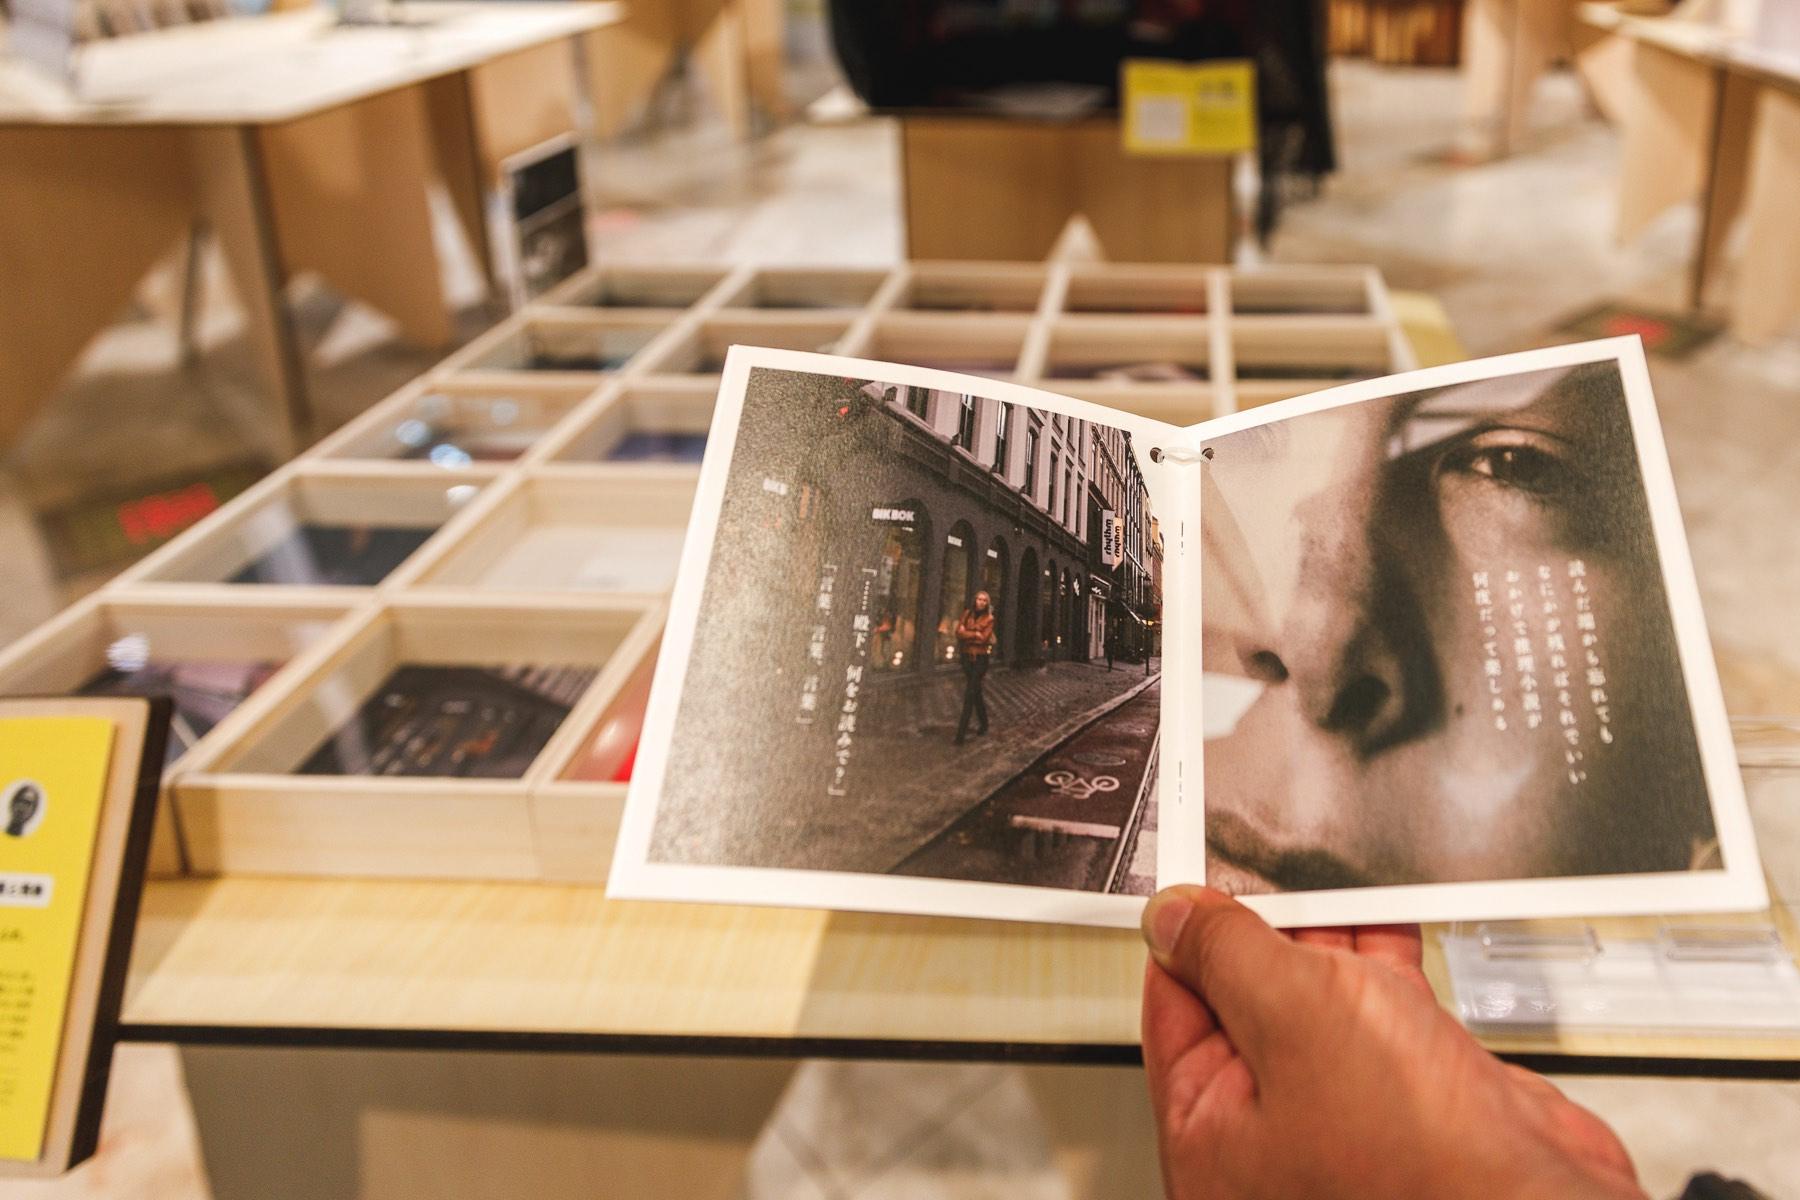 『読むを語る』彷徨する言葉と残像の作品画像